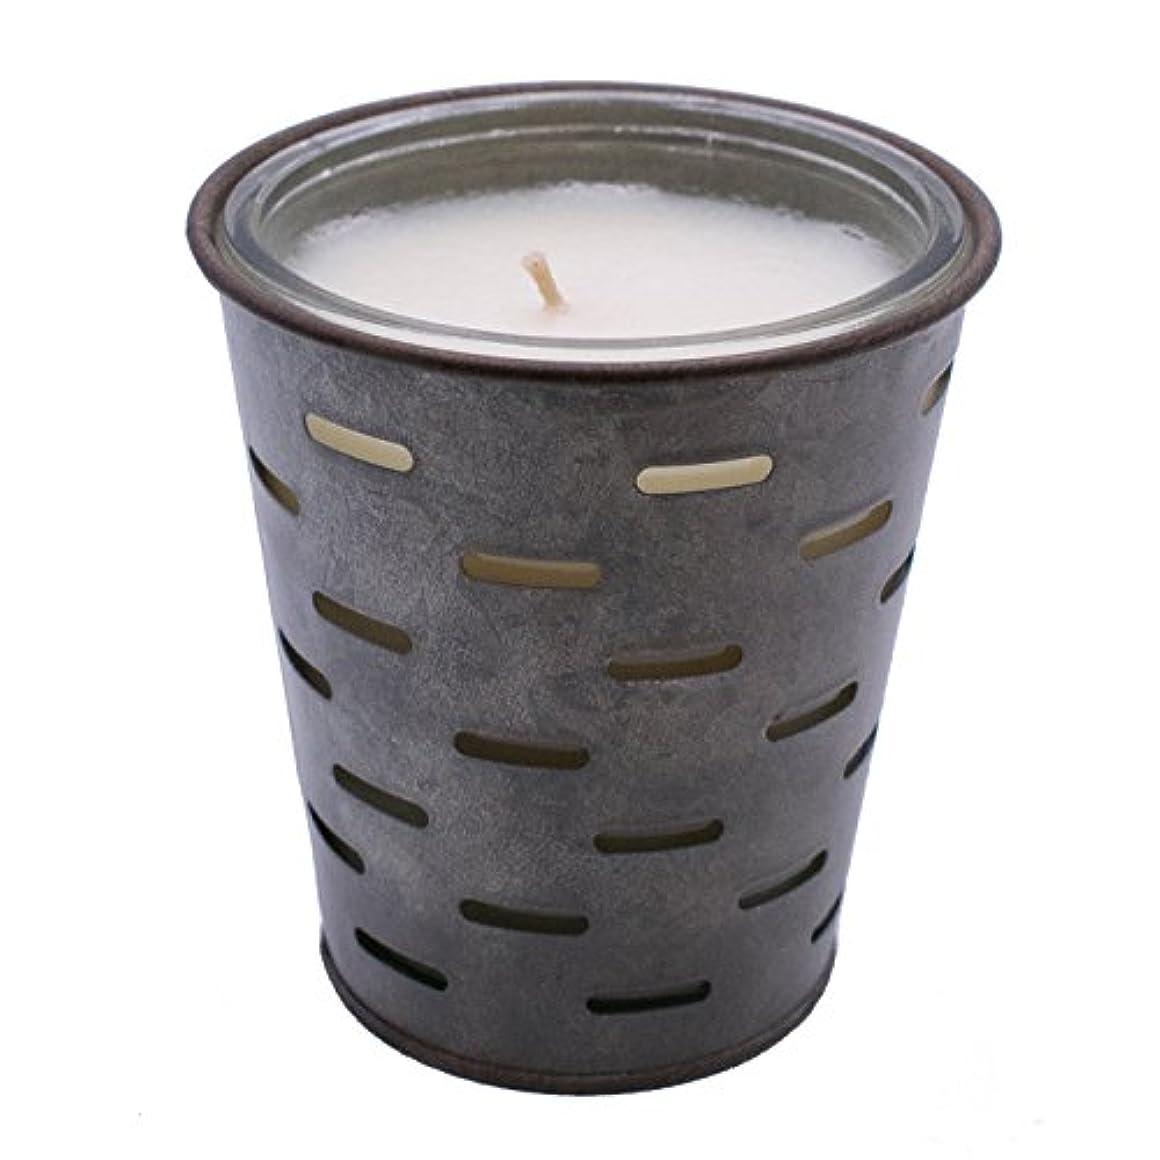 認めるうま敬なSweetオリーブ、オリーブバケットFragrance Candle優れ、香り、ガラスJar in Tin Pot亜鉛メッキ、13oz